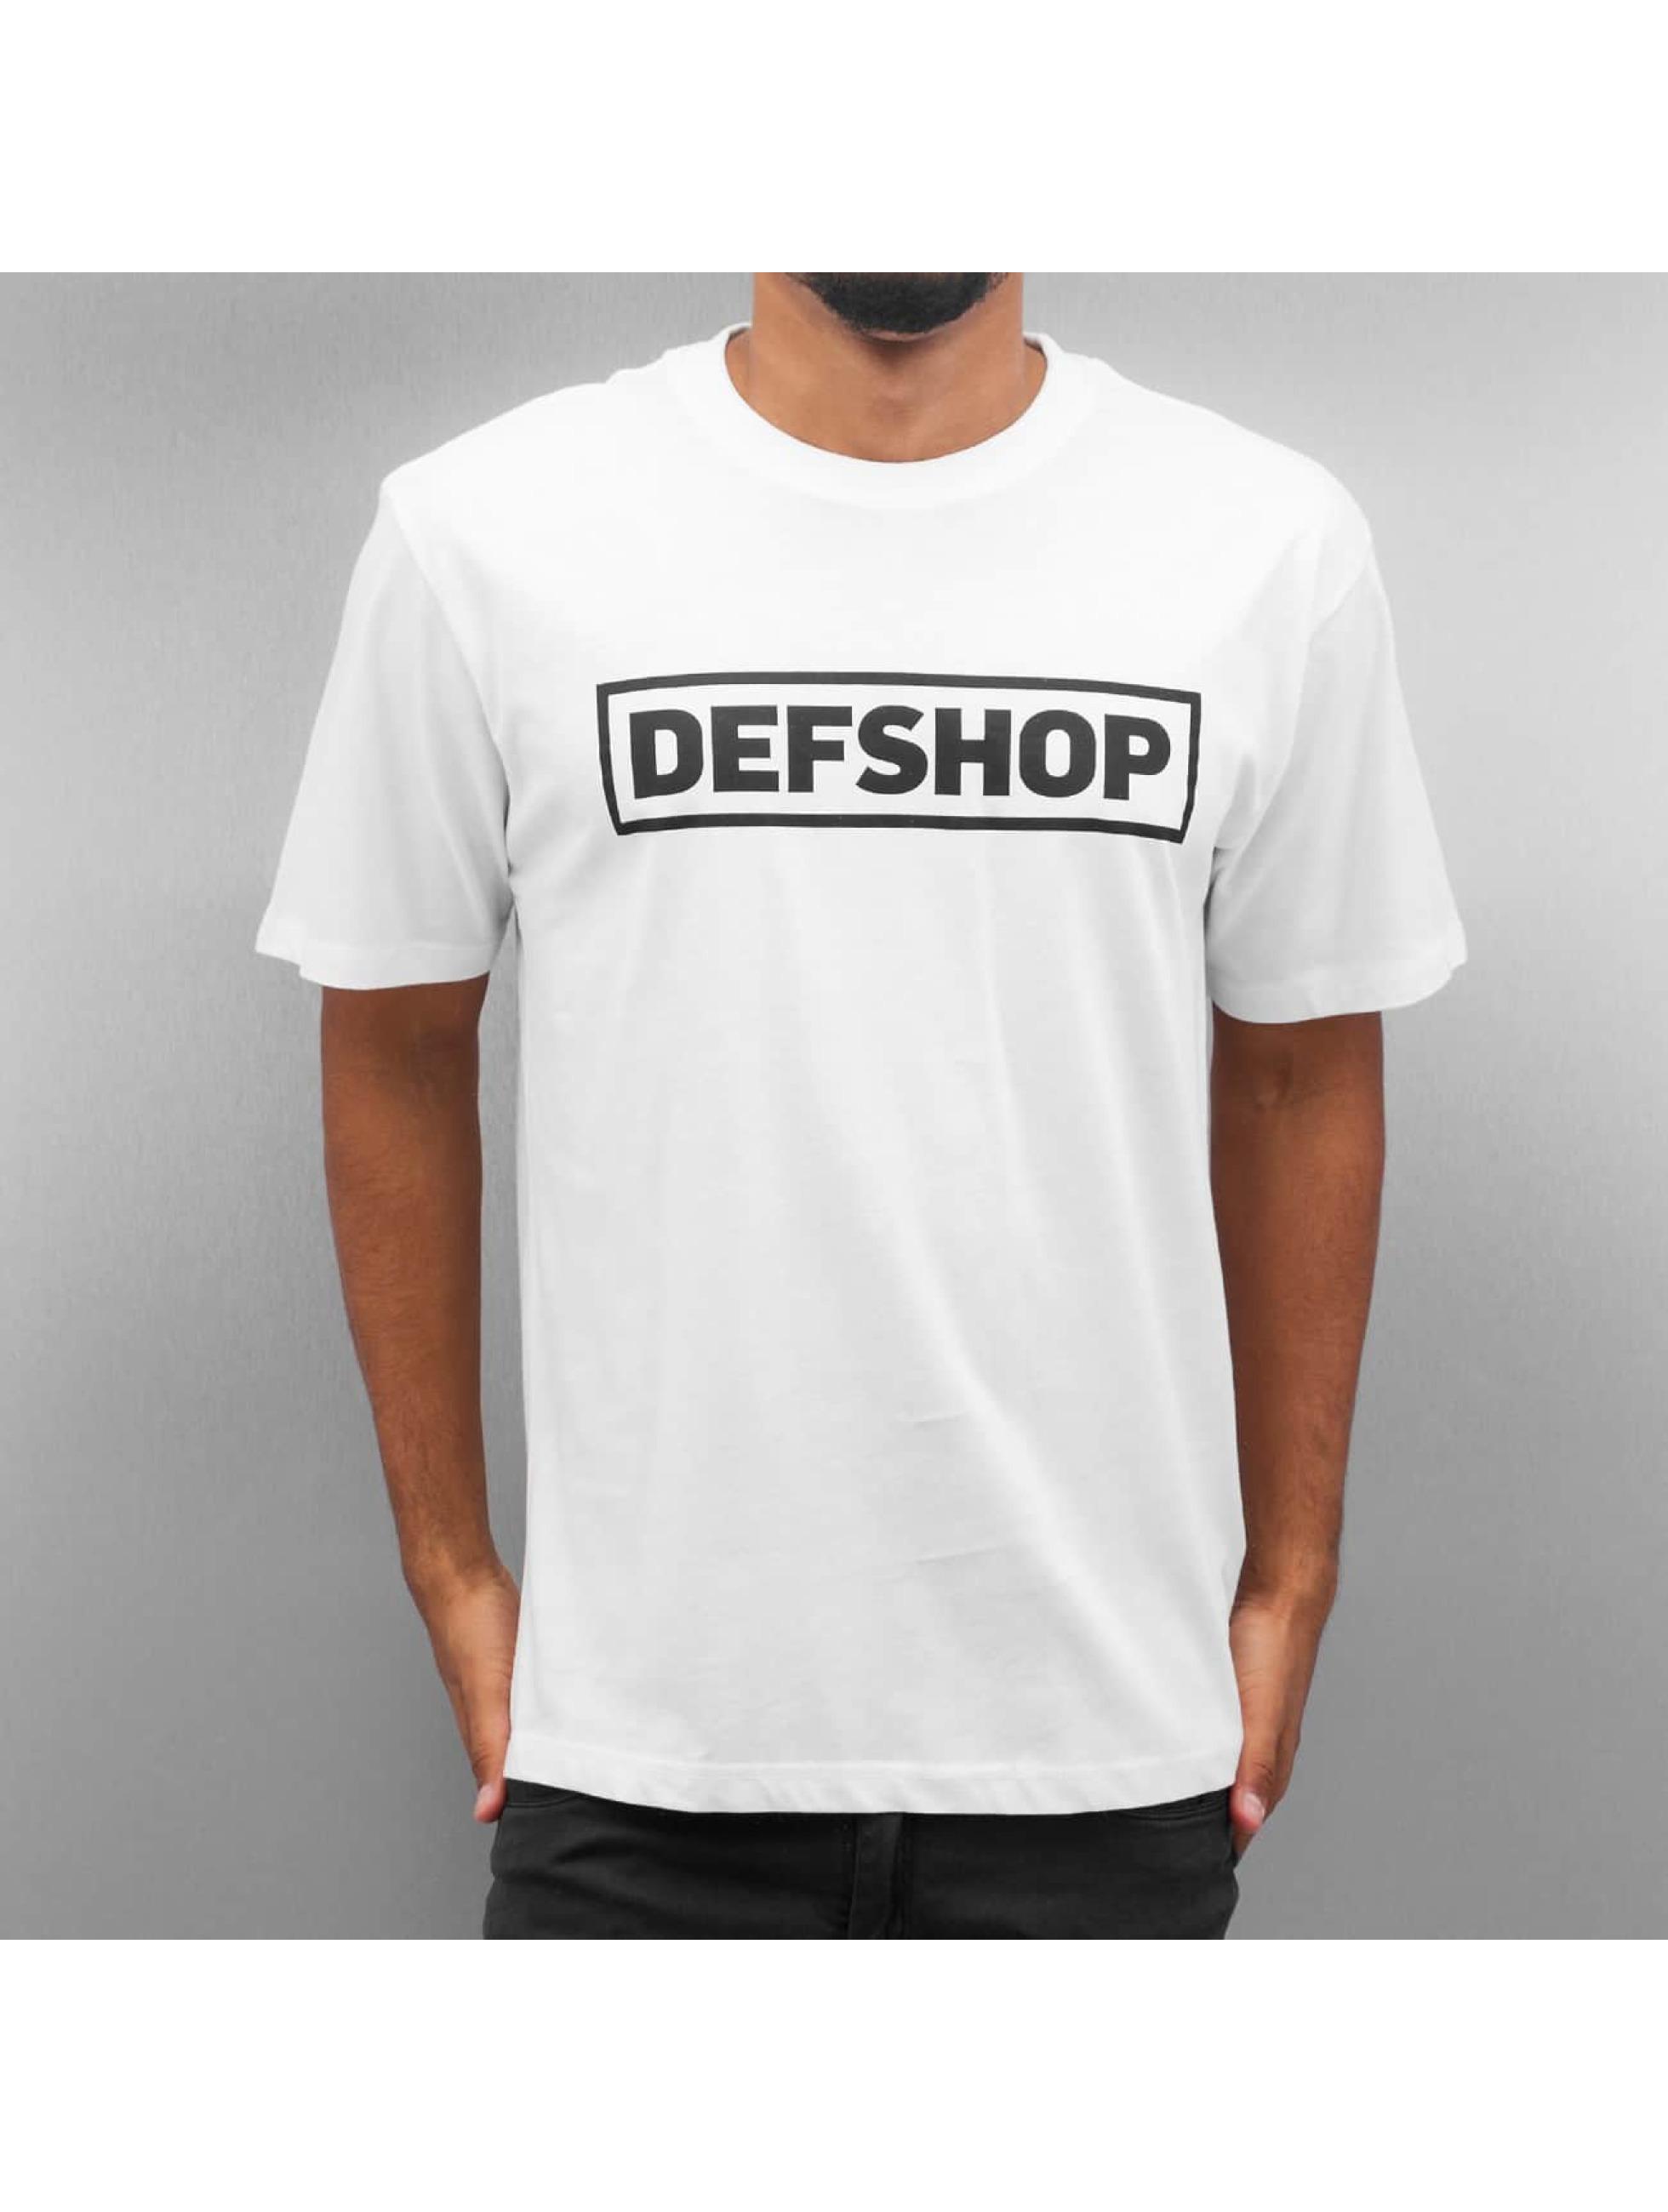 DefShop Männer T-Shirt Logo in weiß